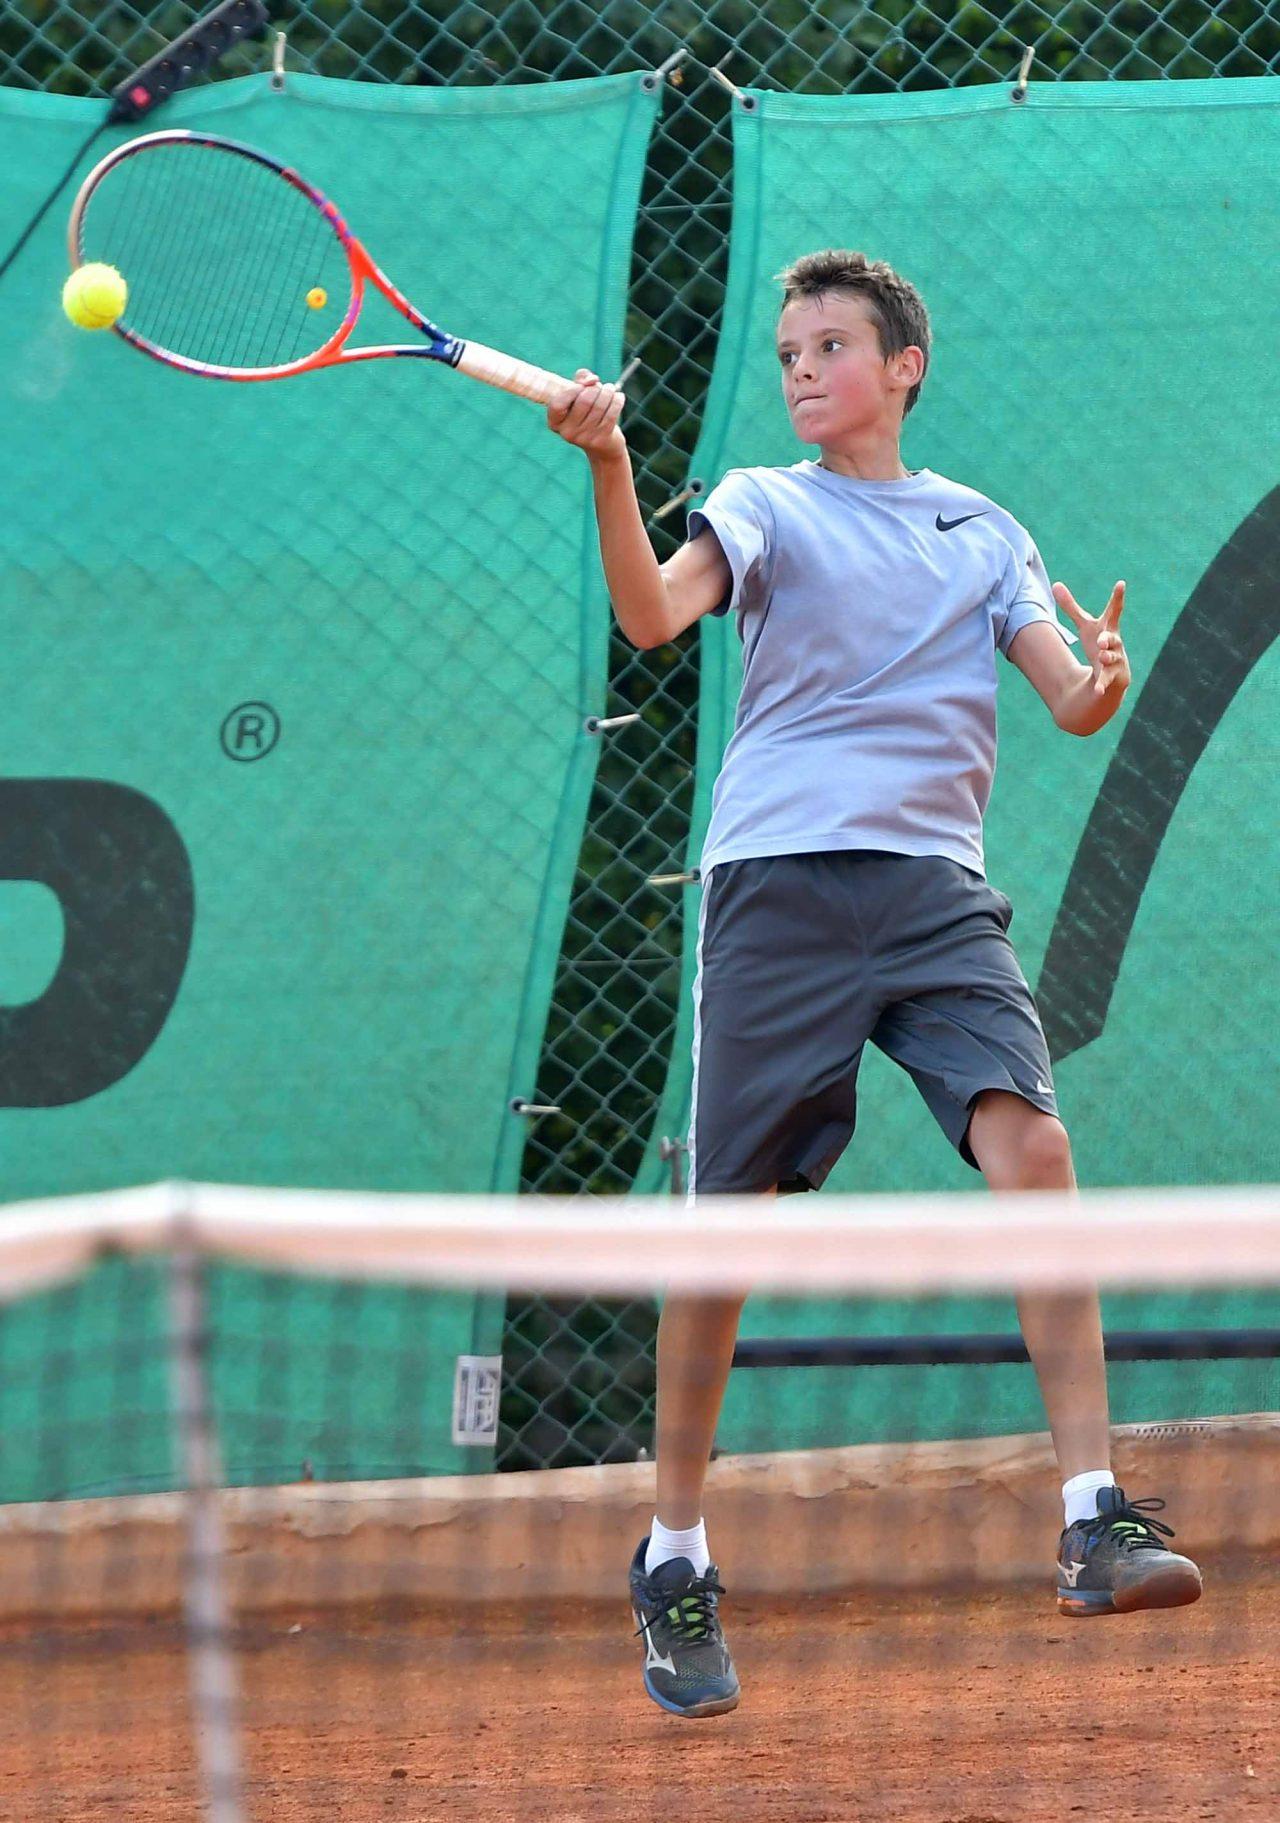 Държавно първенство тенис до 14 год. ТК 15-40 момчета (4)